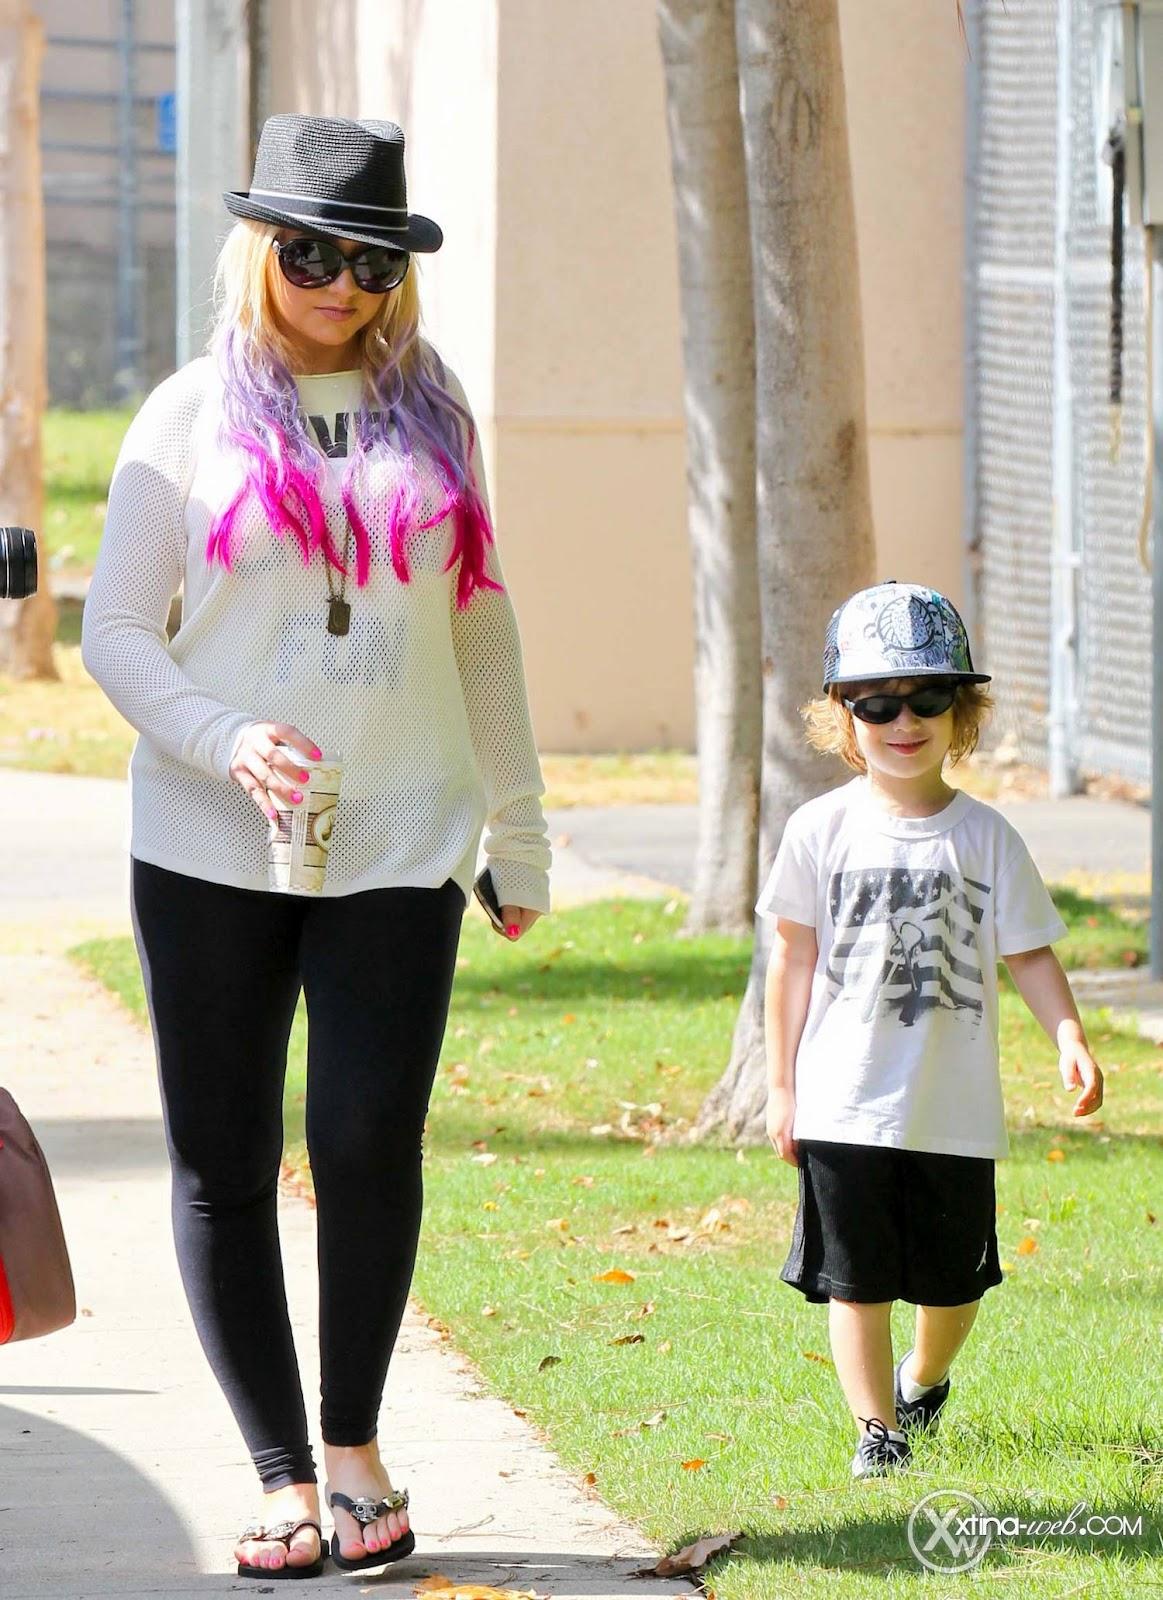 [Fotos] Christina, Max y Matt en Studio City (California) 7/10/2012 02